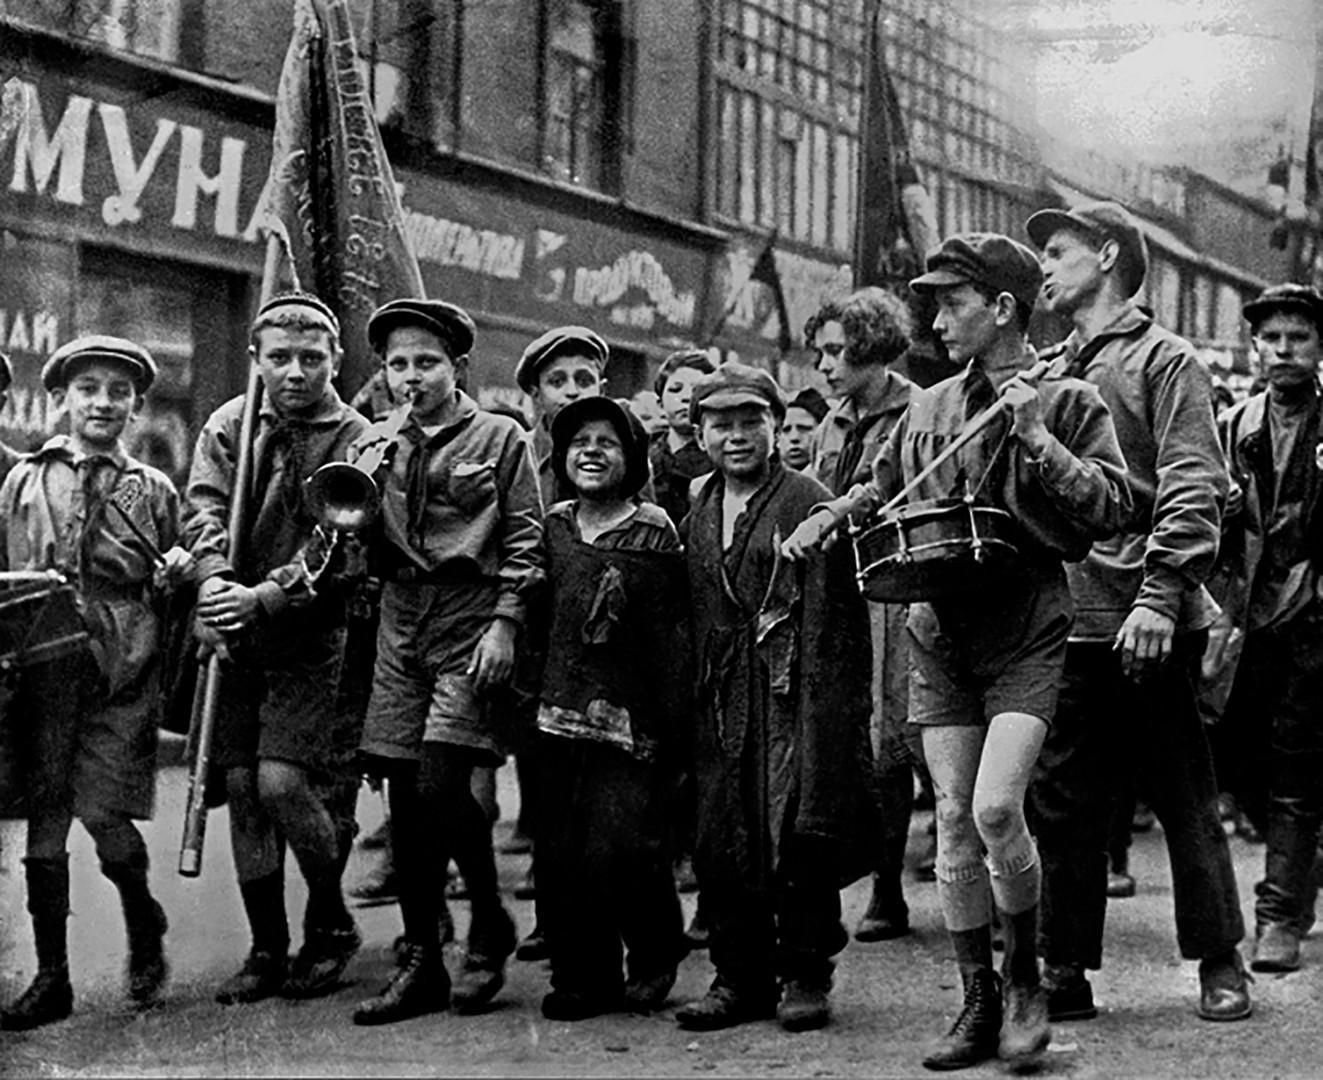 Бездомни деца и пионери по време на първомайска демонстрация, 1920-те г.